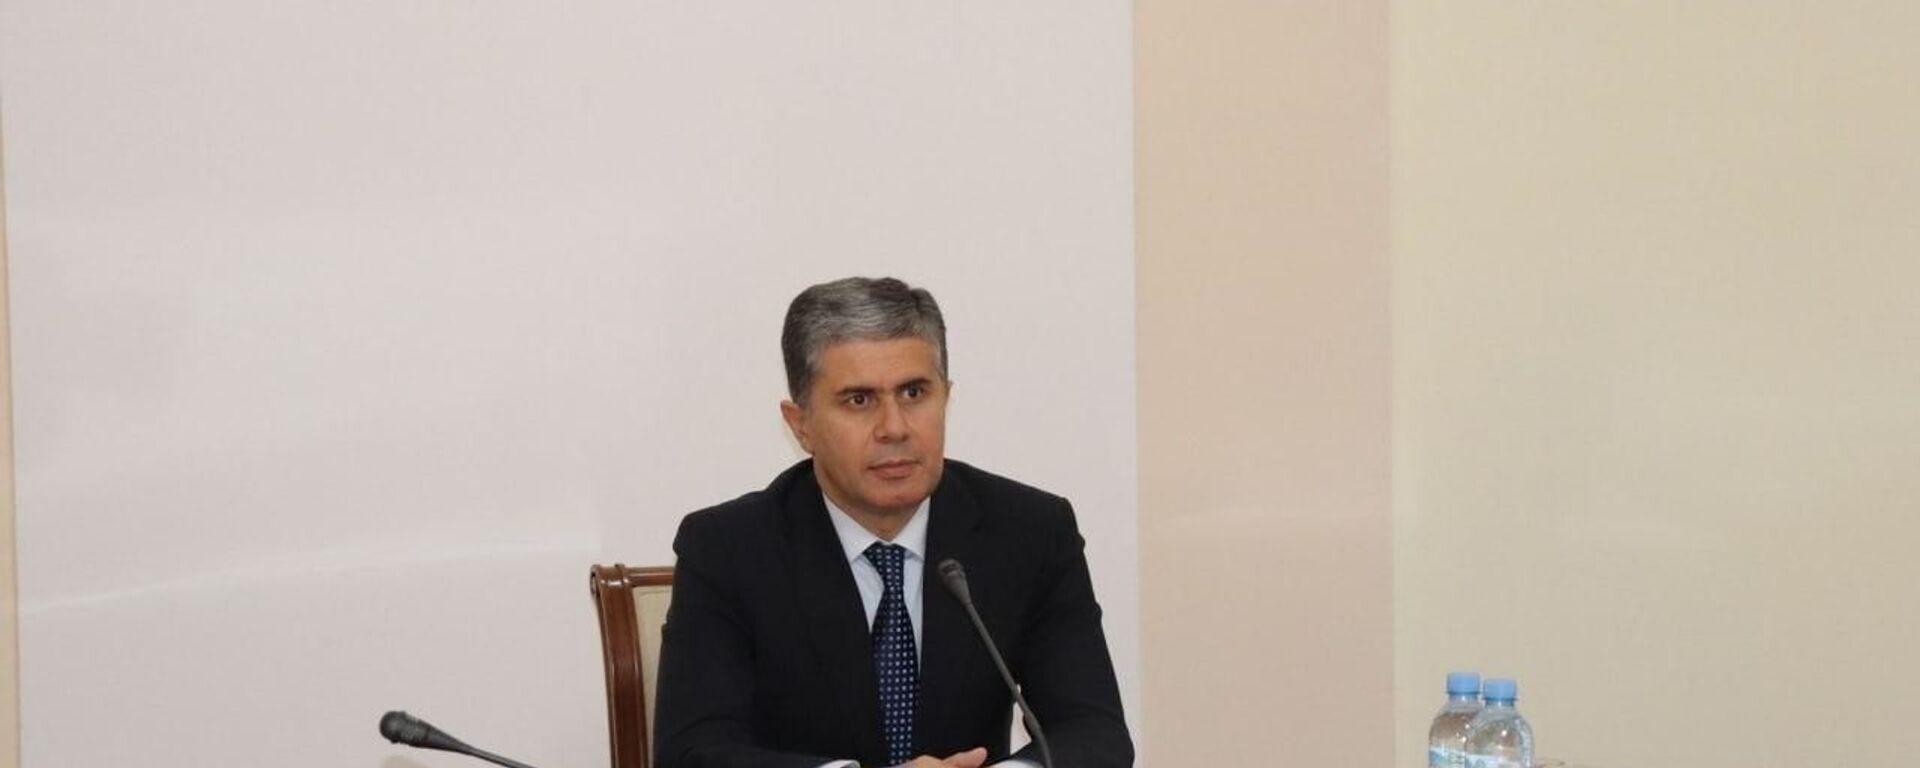 Министр экономического развития и торговли Таджикистана Завки Завкизода - Sputnik Тоҷикистон, 1920, 06.10.2021